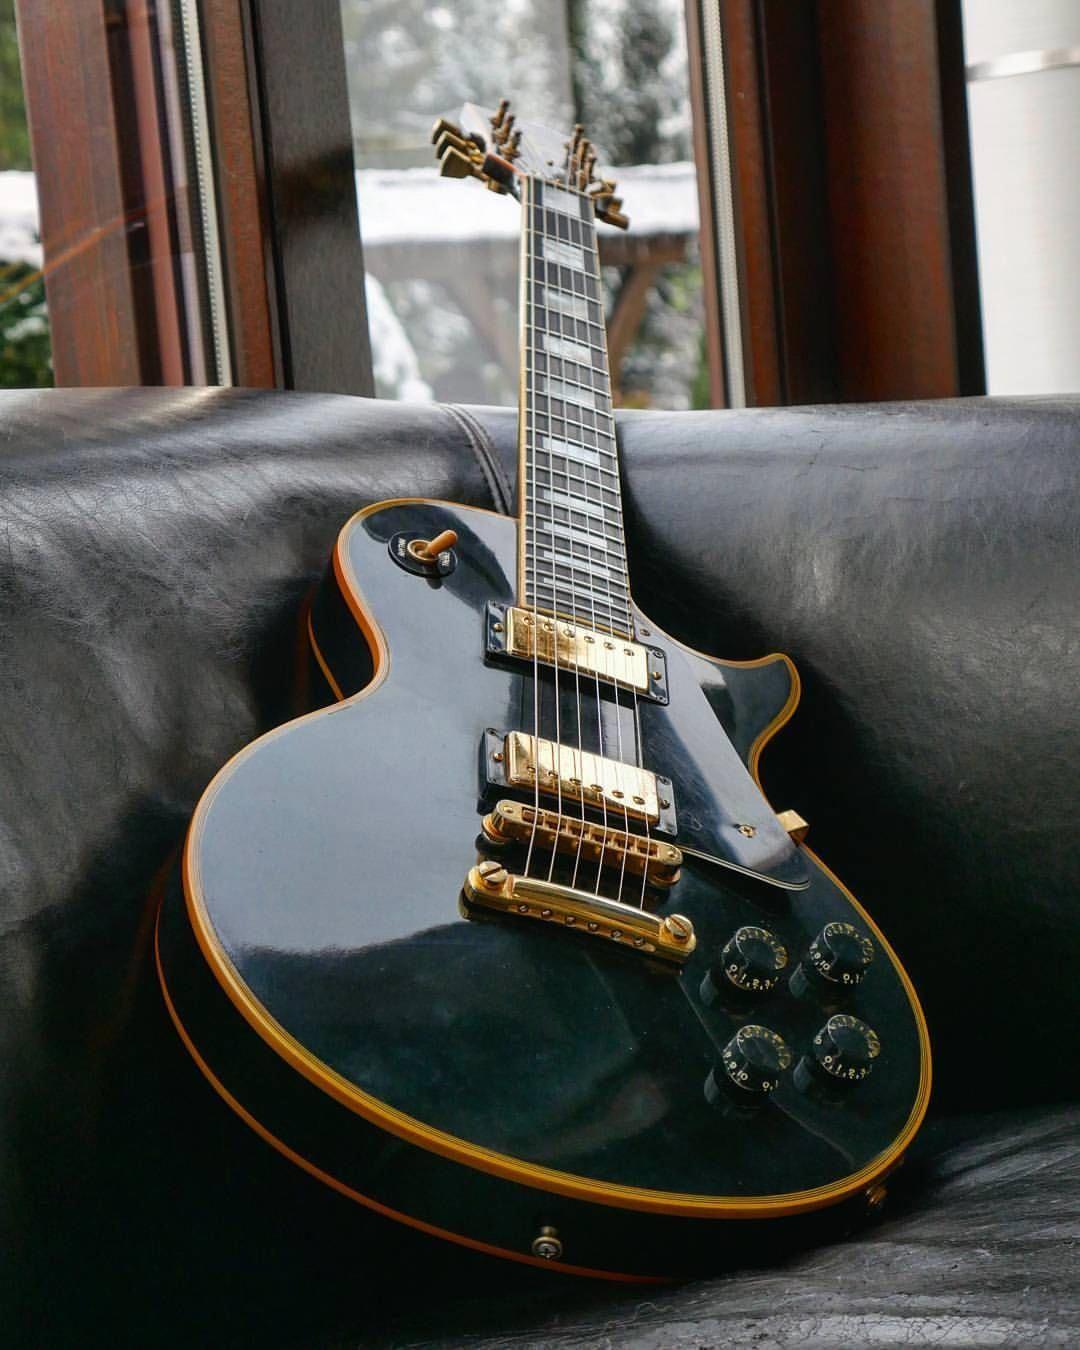 Acoustic Guitar Strings Medium Guitar Strings Electric 10 Gauge Guitarporn Guitarhero Guitarstrings Guitar Photography Music Guitar Guitar